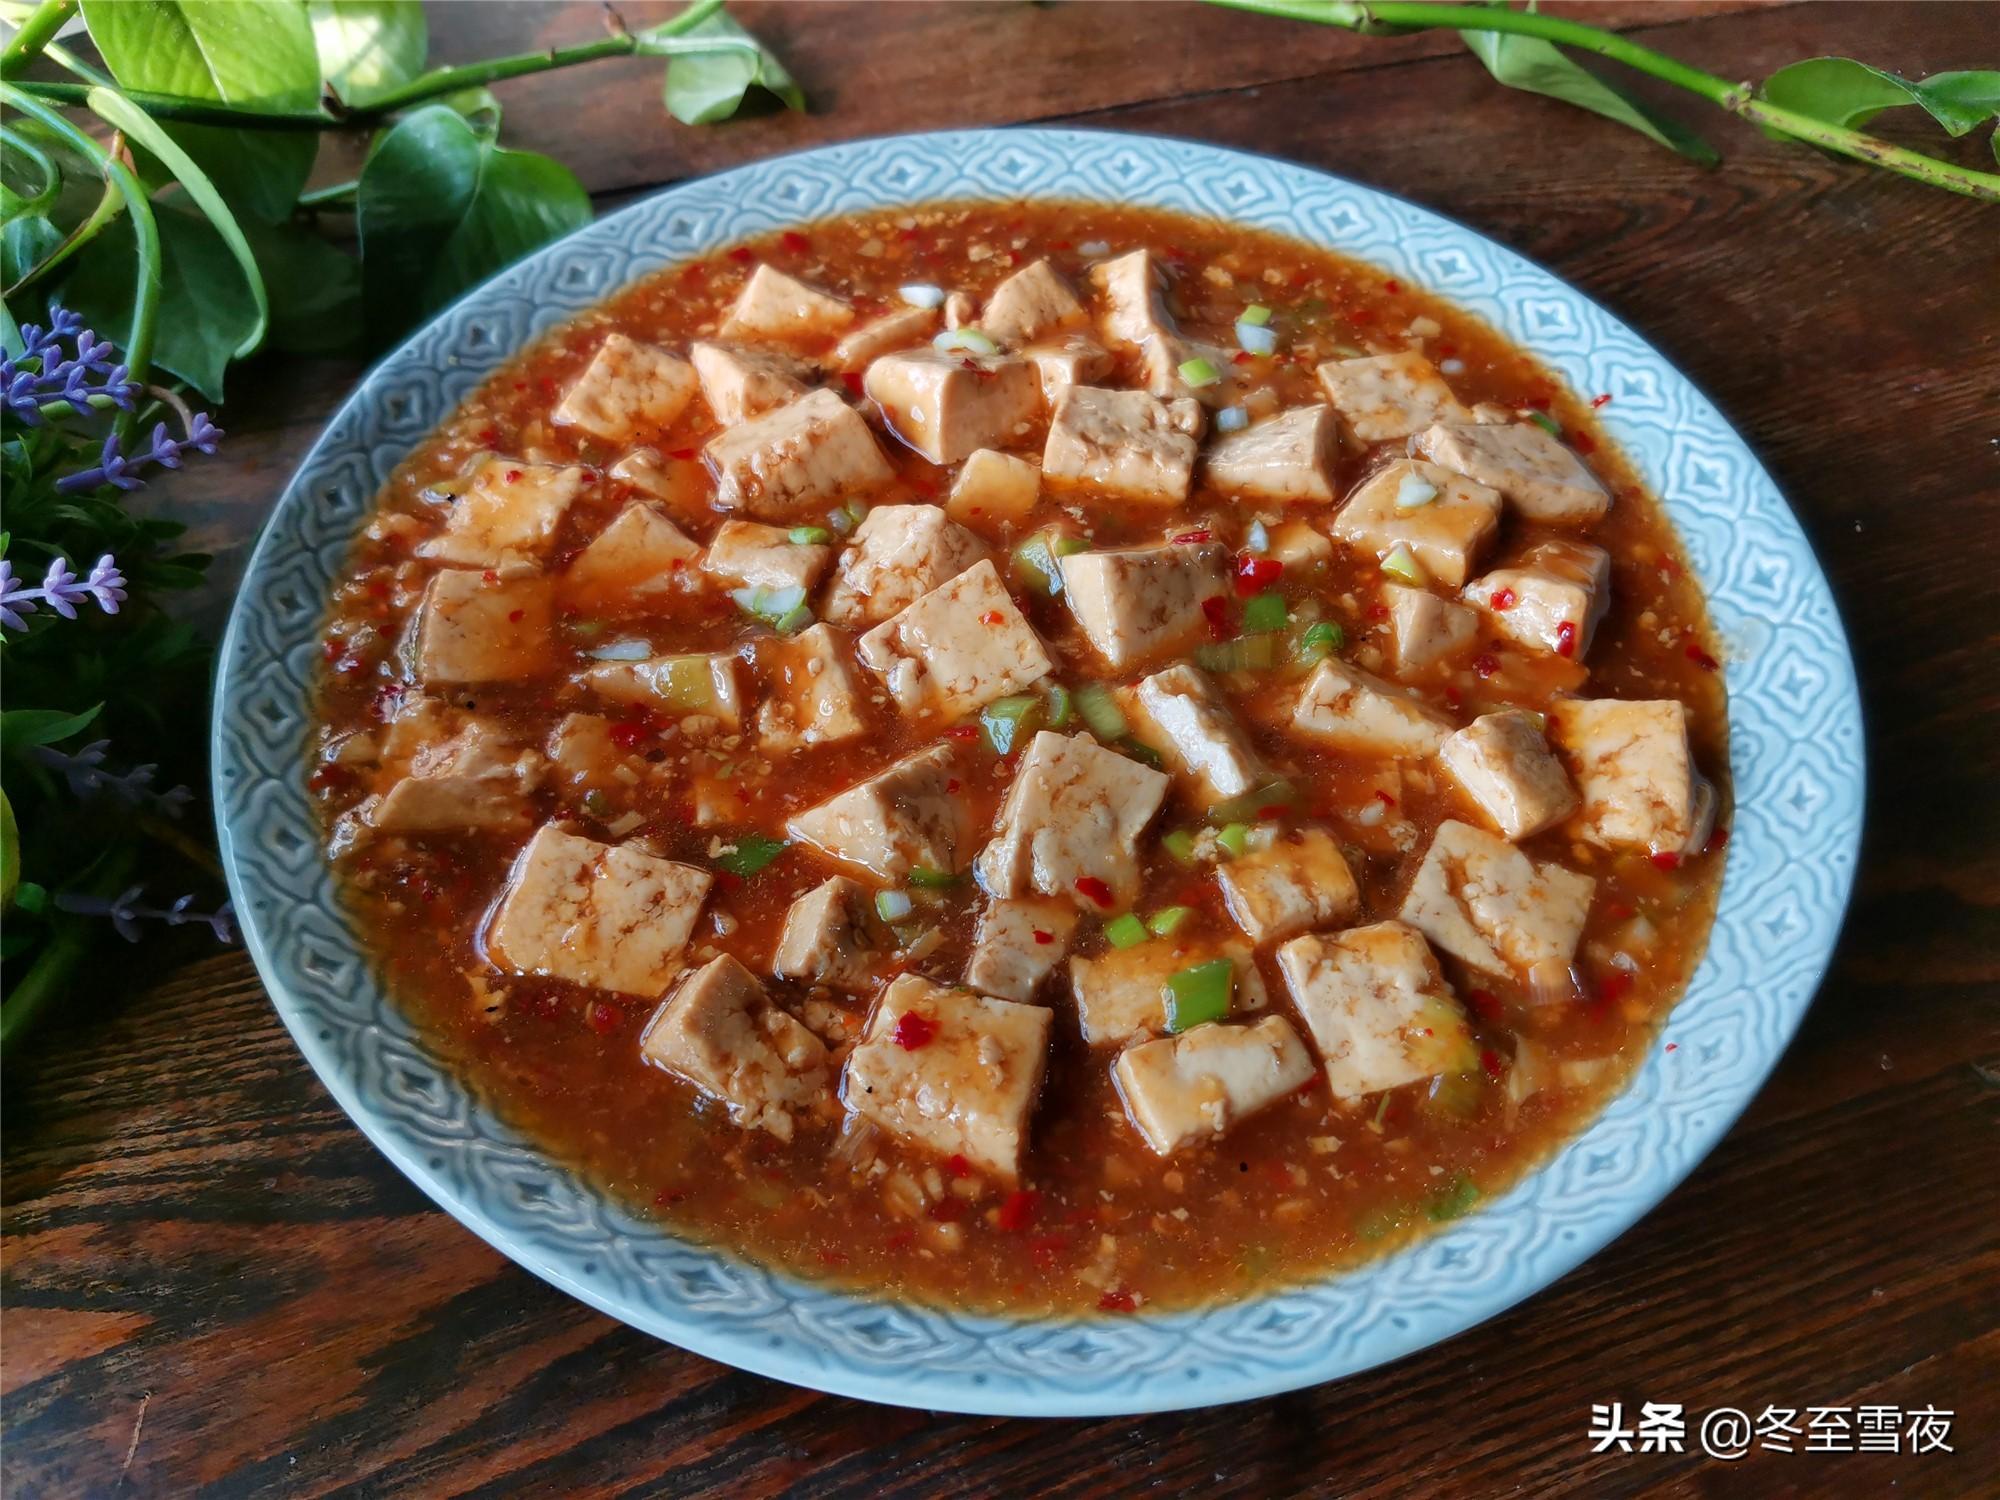 冬季,东北人最稀罕吃的14道家常菜,都是东北味儿,家常又好吃 东北菜谱 第9张